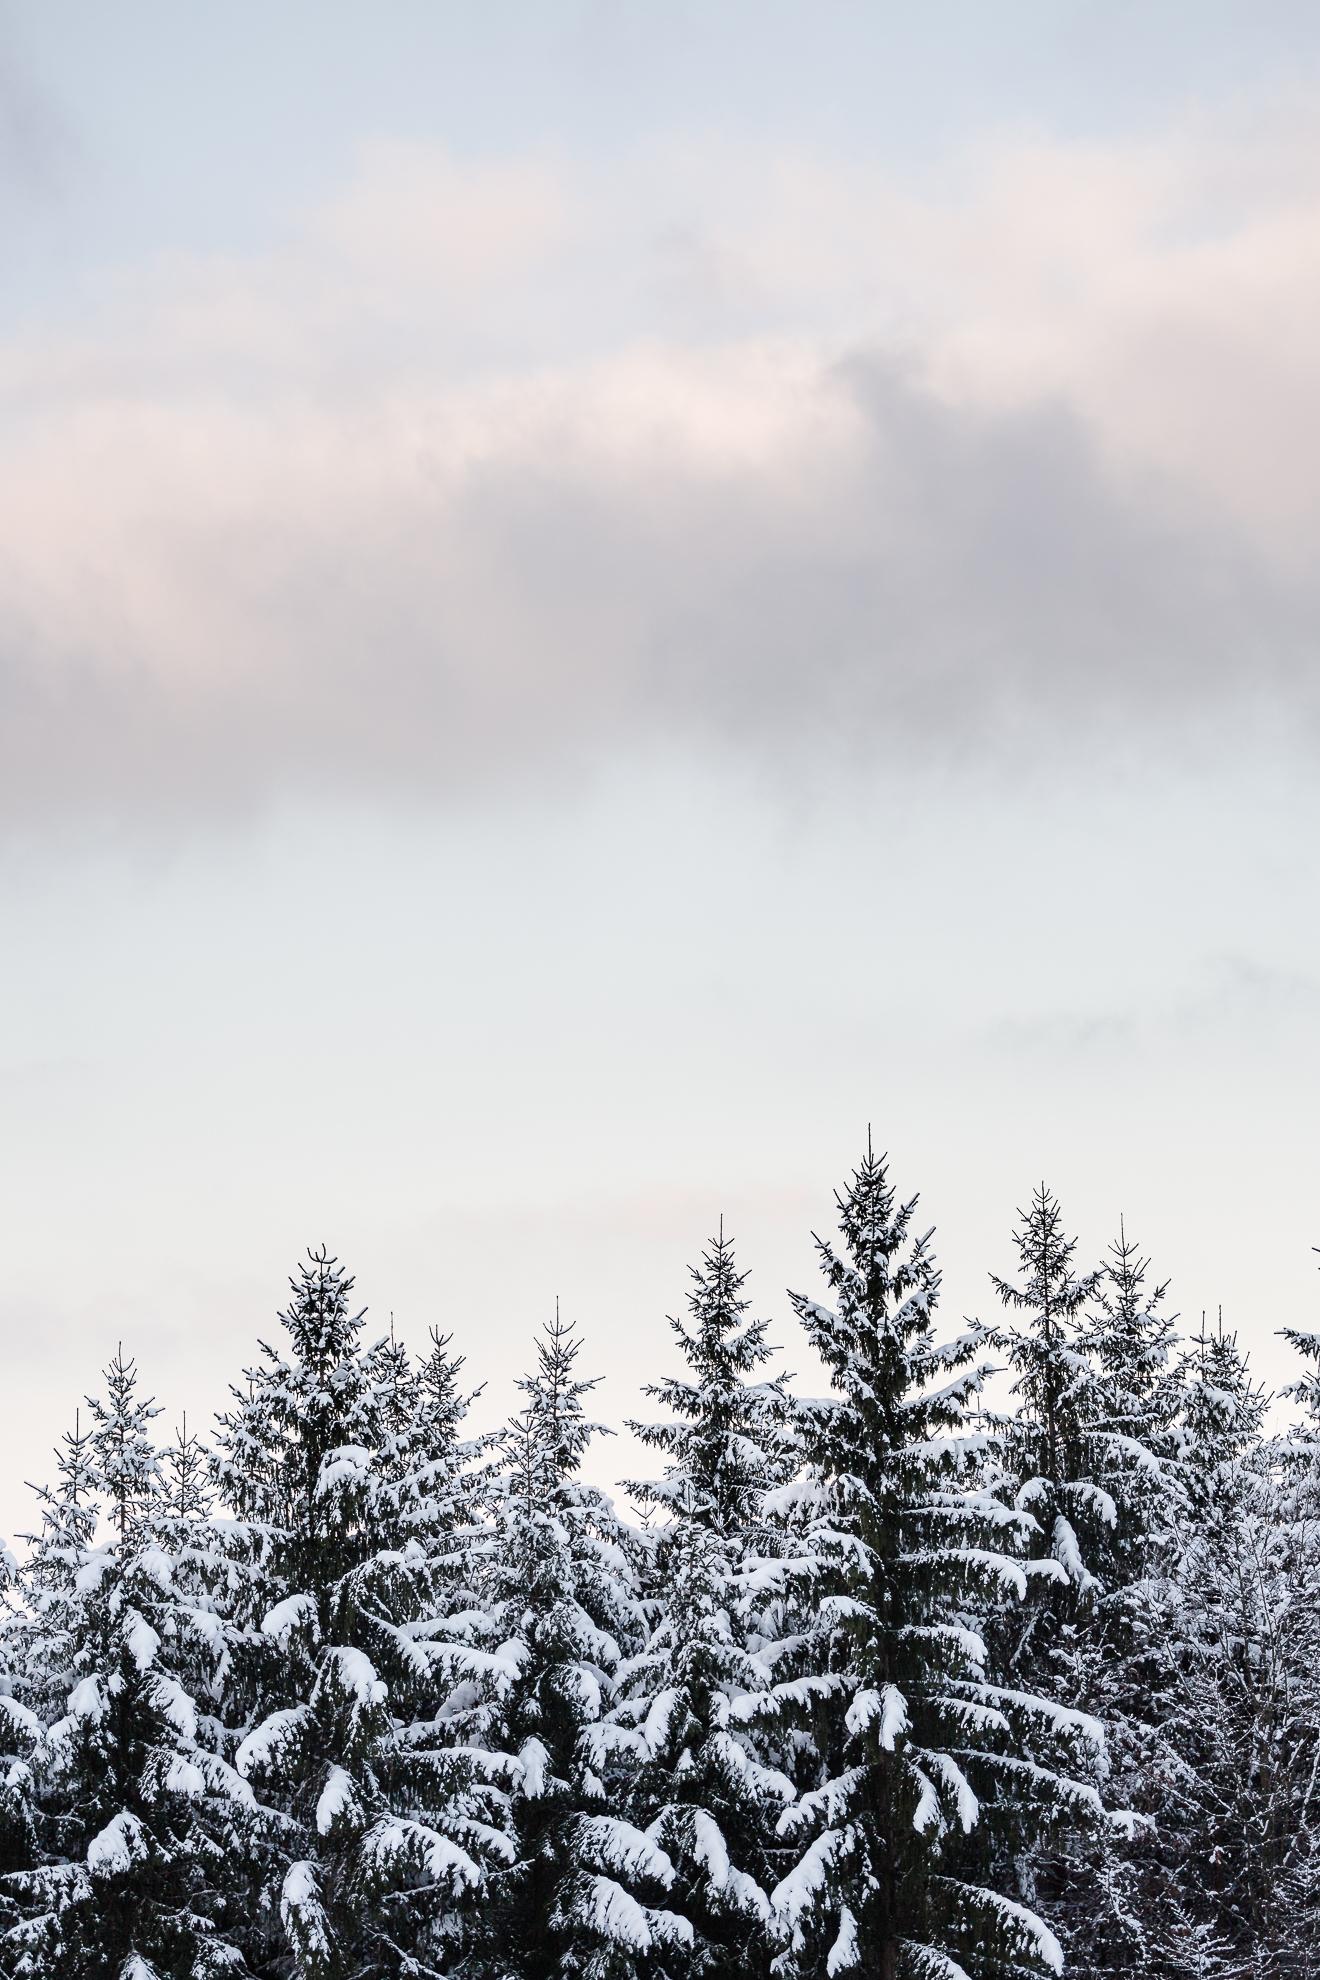 AB_20171202_Zell-Winter-Walks_060-23.jpg